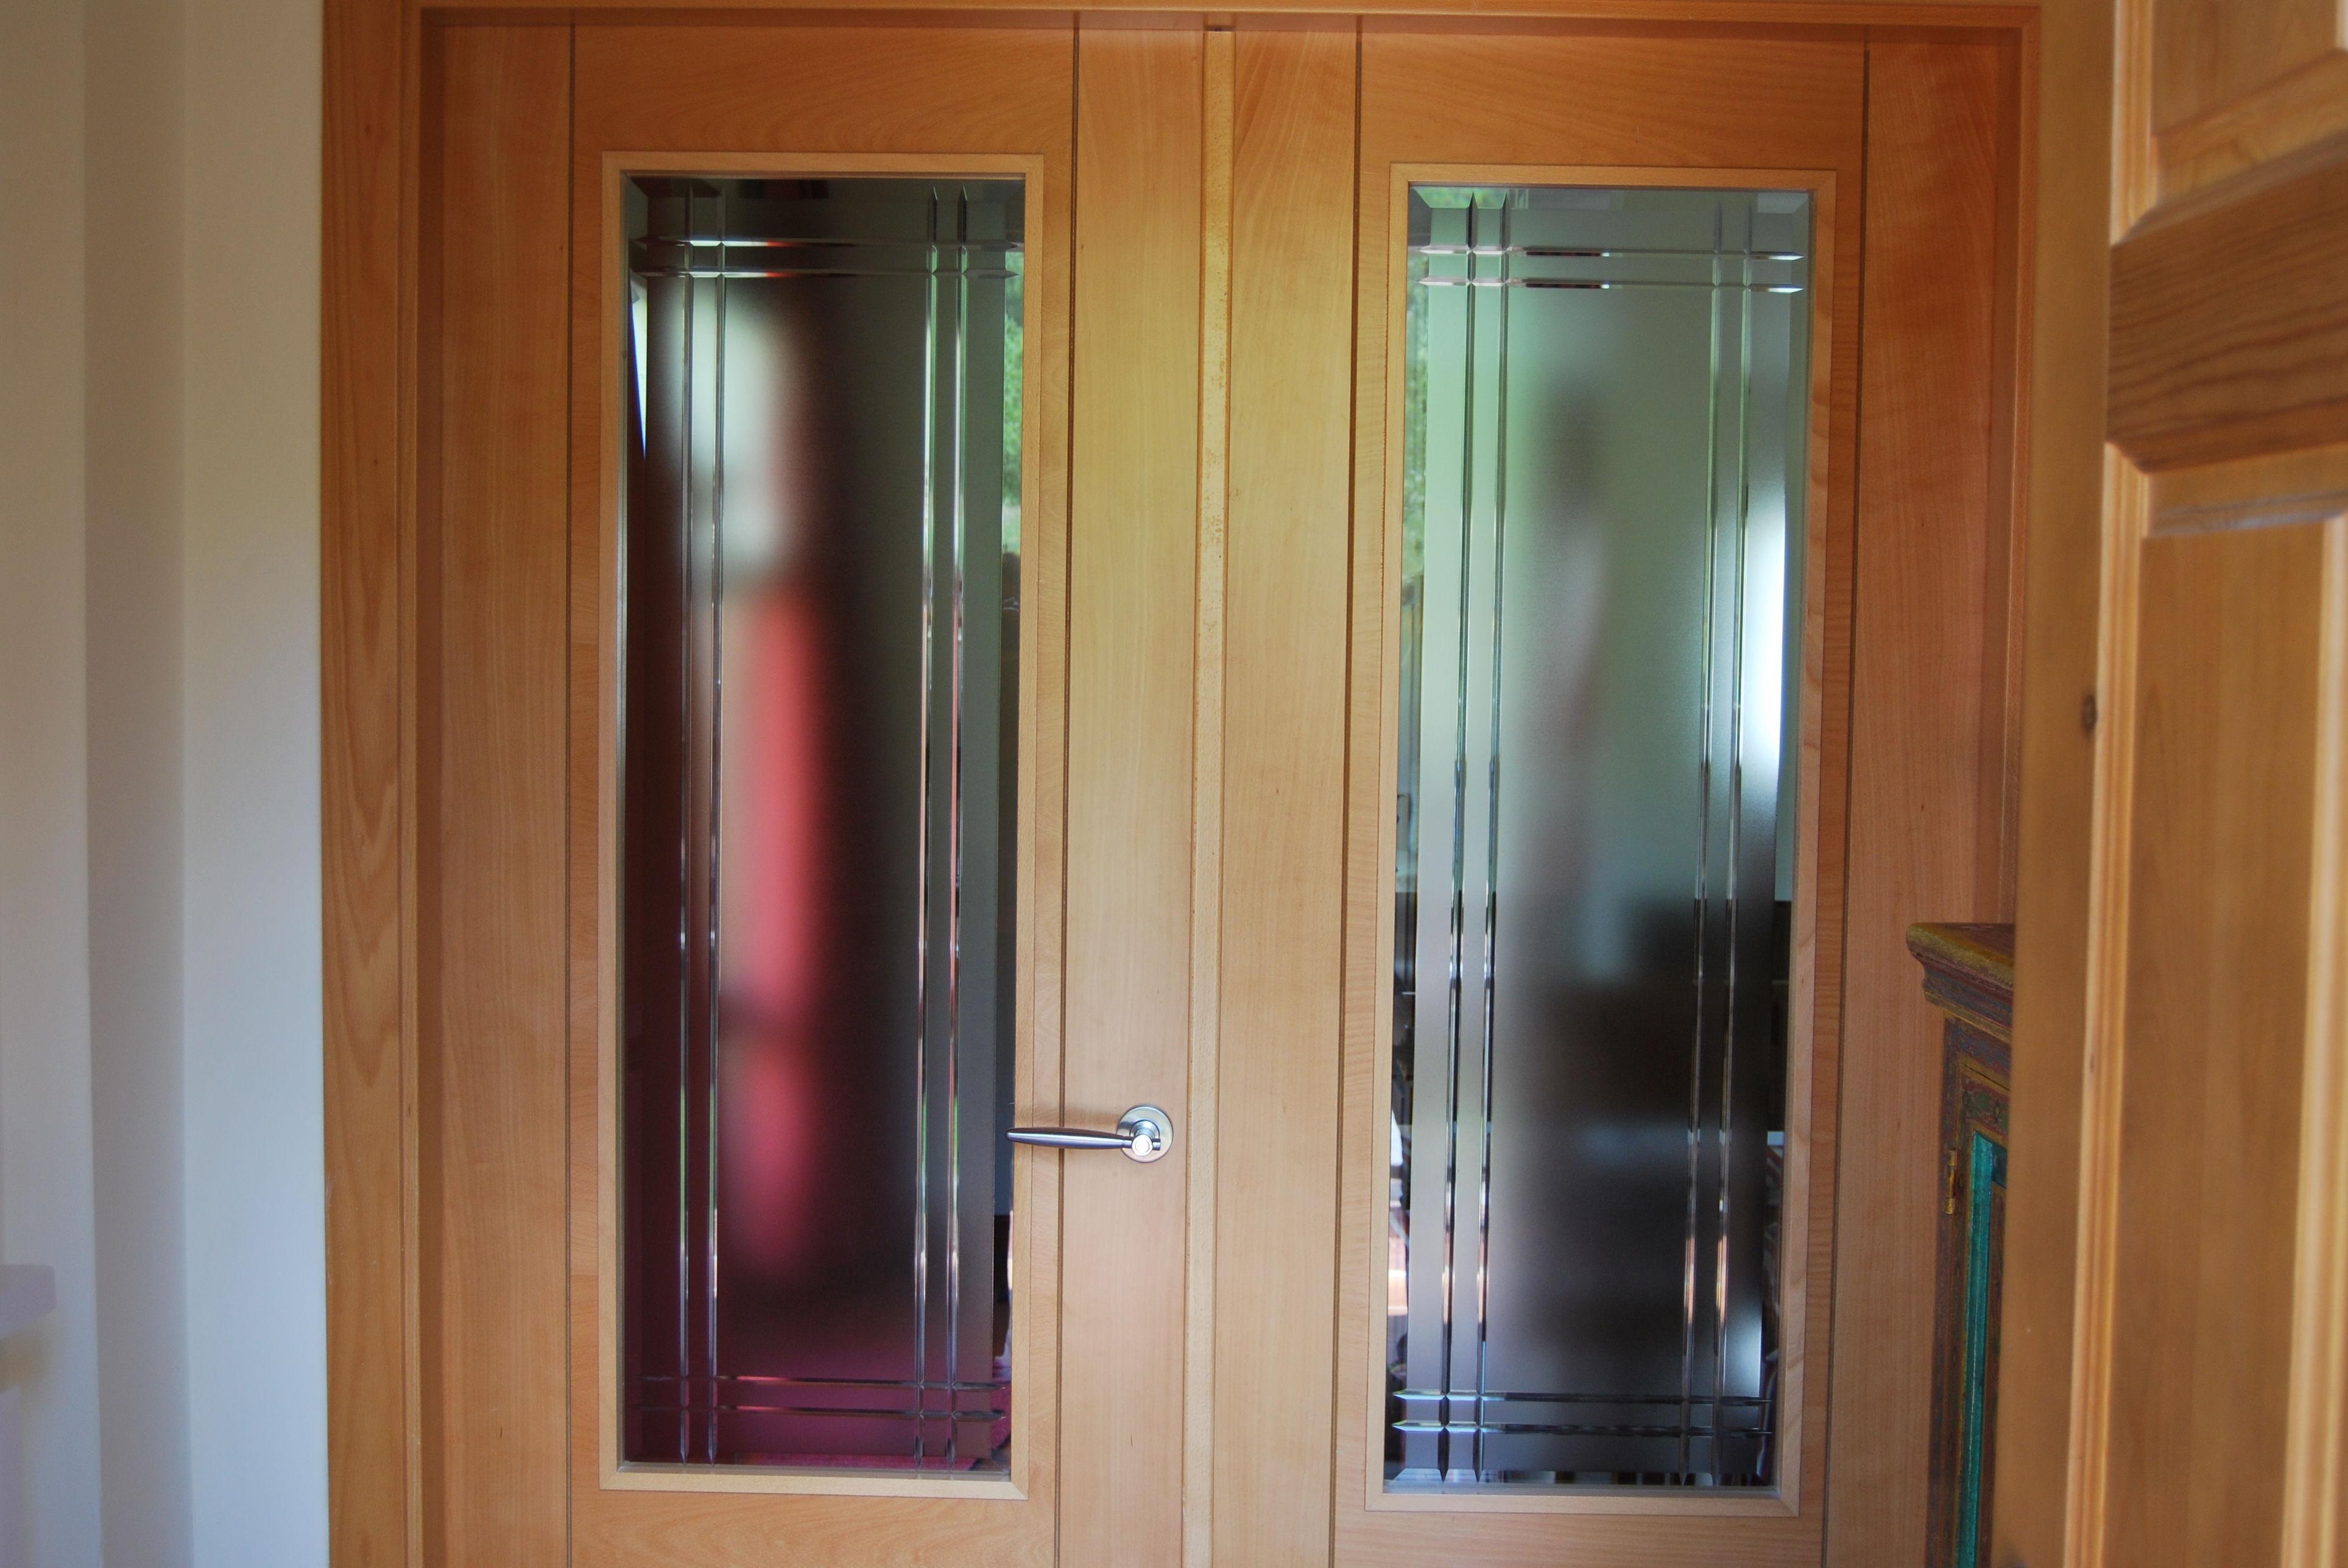 Cristales para puertas - Puertas de salon con cristal ...